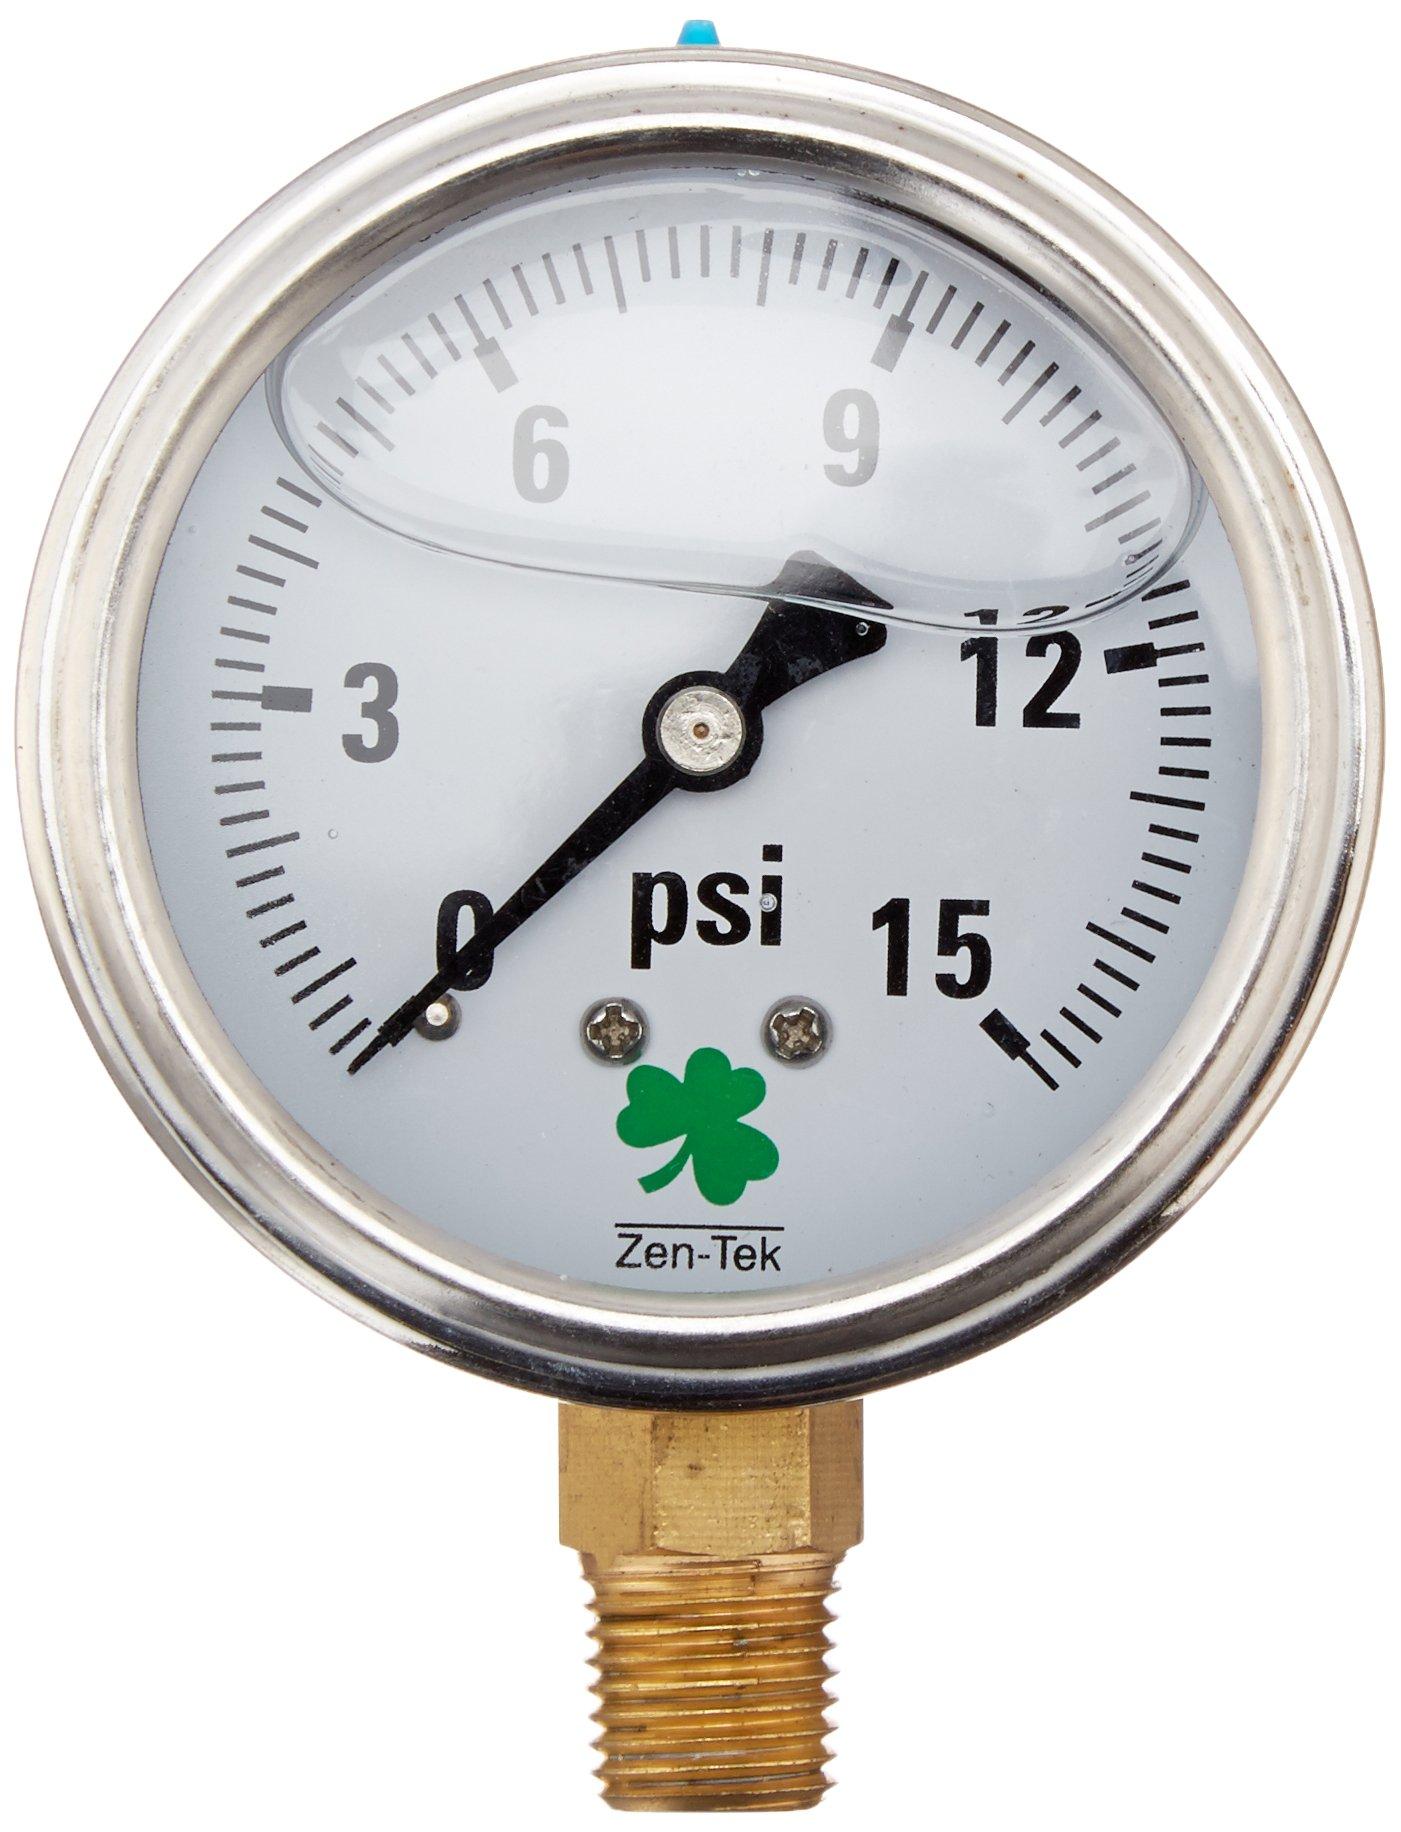 Zenport LPG15 Zen-Tek Glycerin Liquid Filled Pressure Gauge, 15 PSI by Zenport (Image #1)